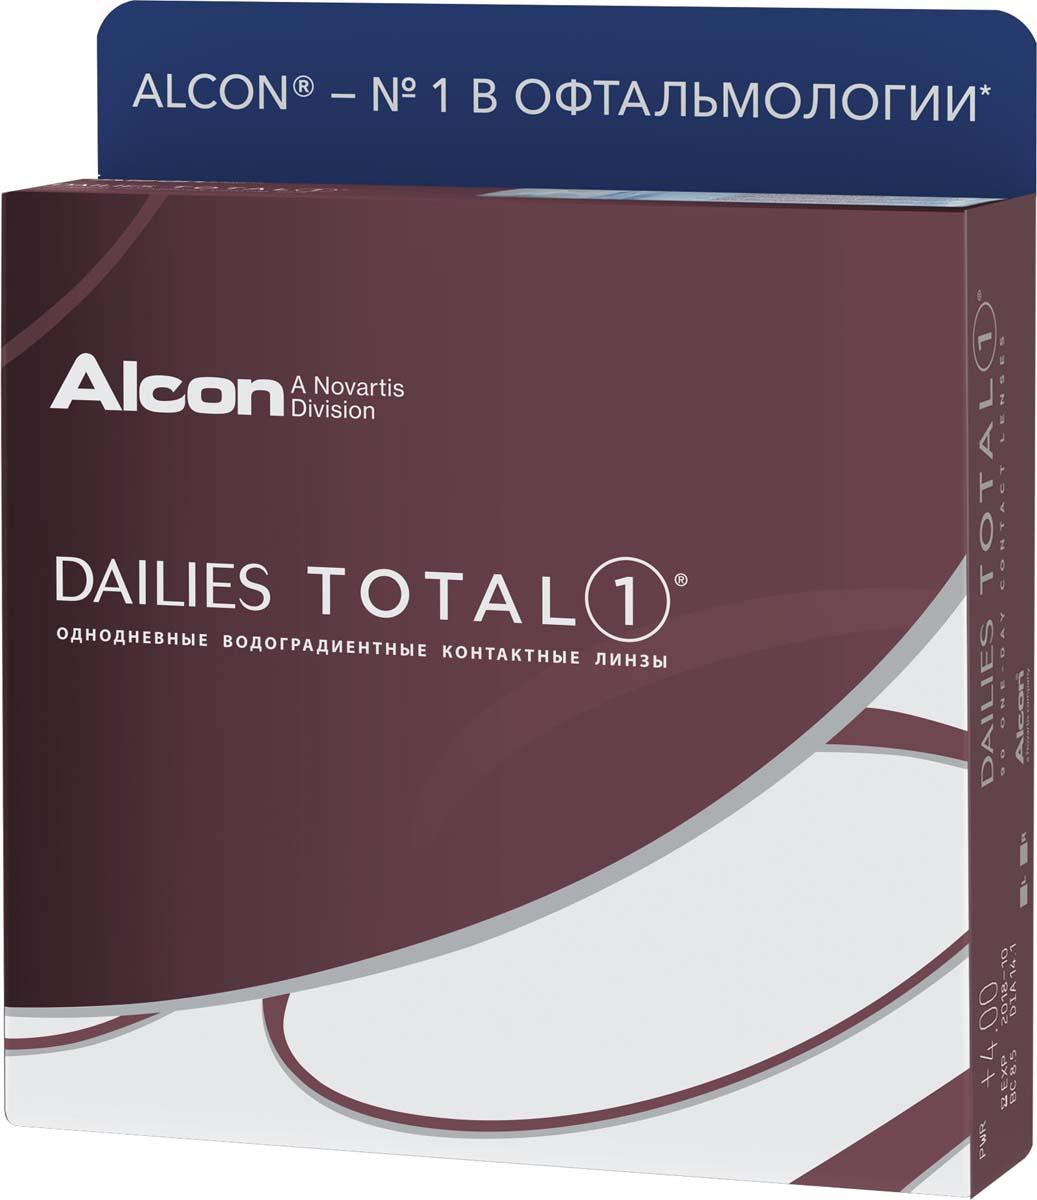 Аlcon Контактные линзы Dailies Total 90 шт /-9.50 /8.5 /14.1